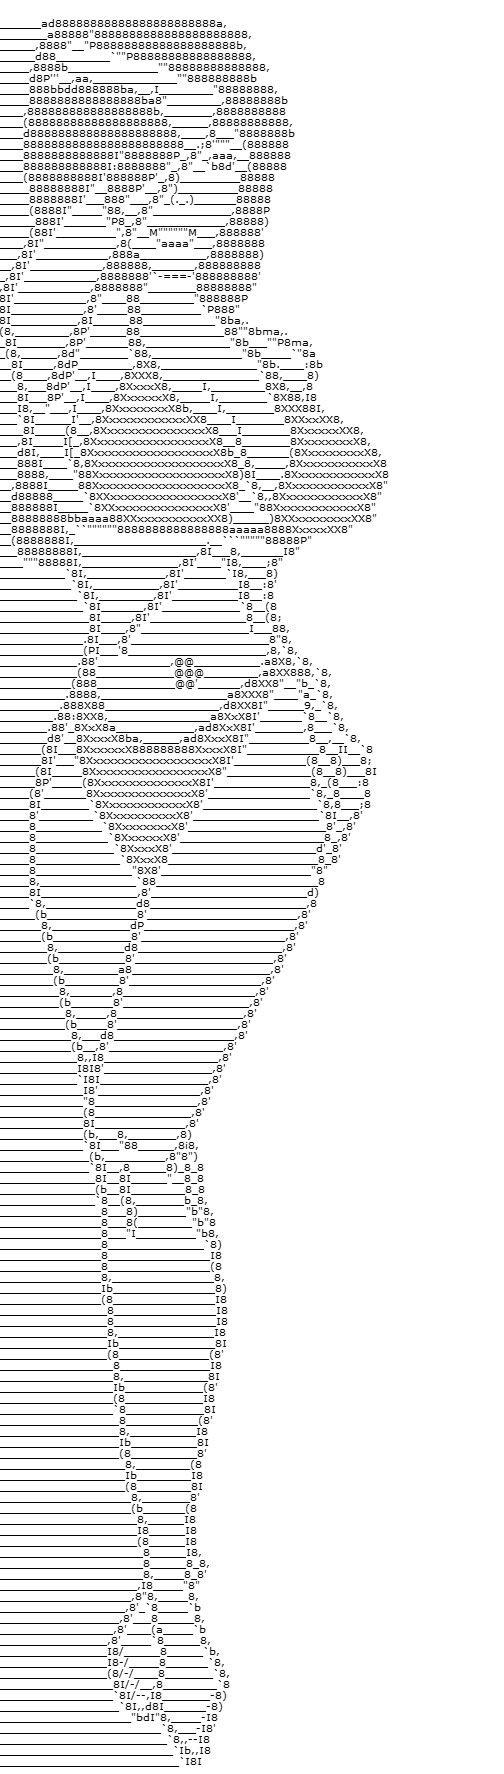 Una chica sexy   Arte ASCII   Pinterest   Ascii art